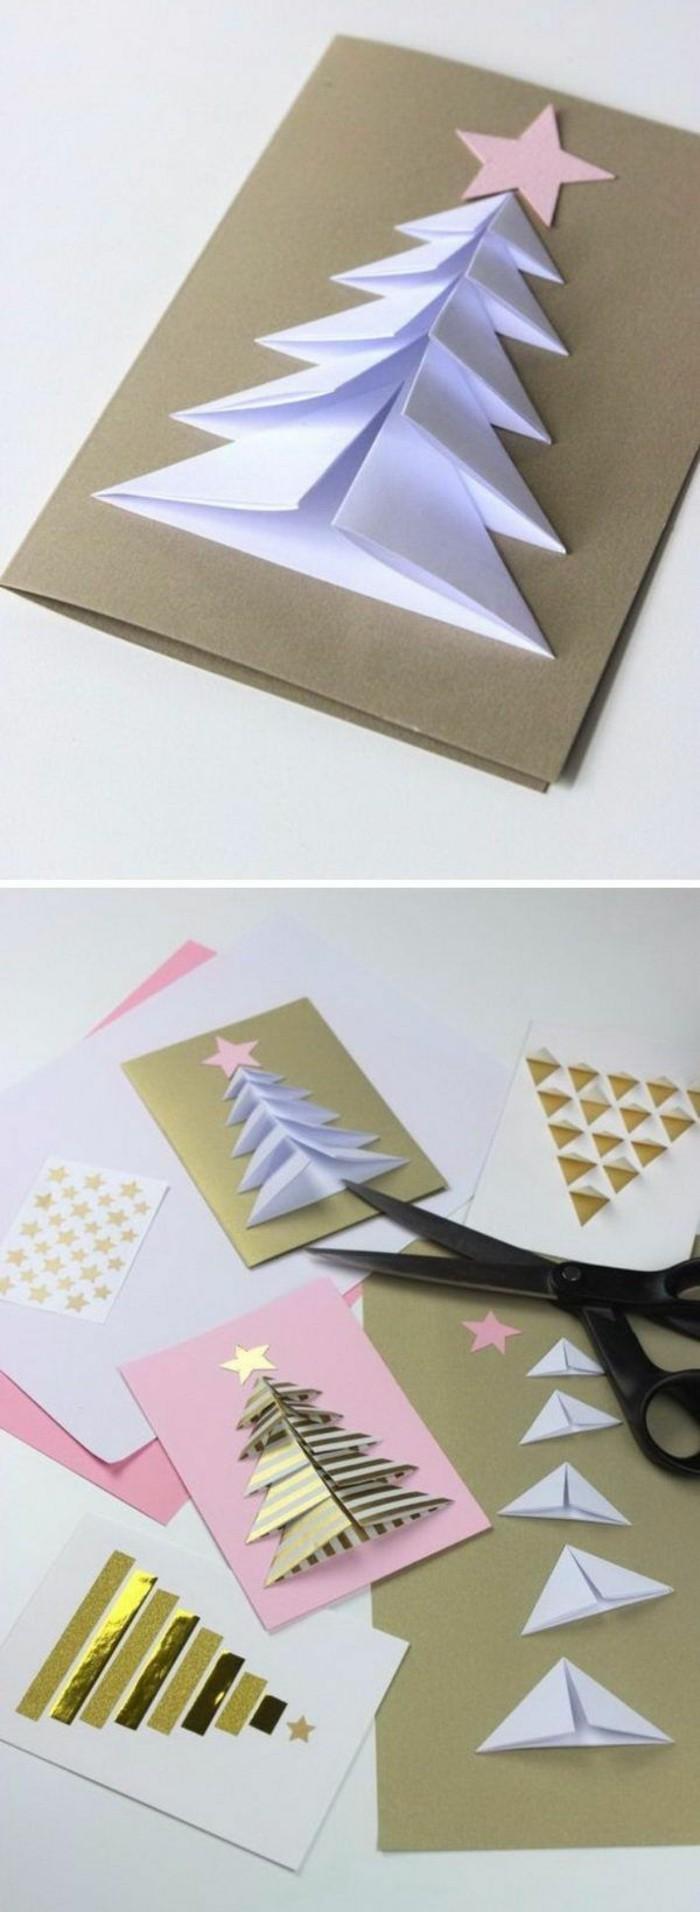 Basteln f r weihnachten 42 tolle ideen mit anleitung f r for Weihnachtsdeko fa r fenster basteln